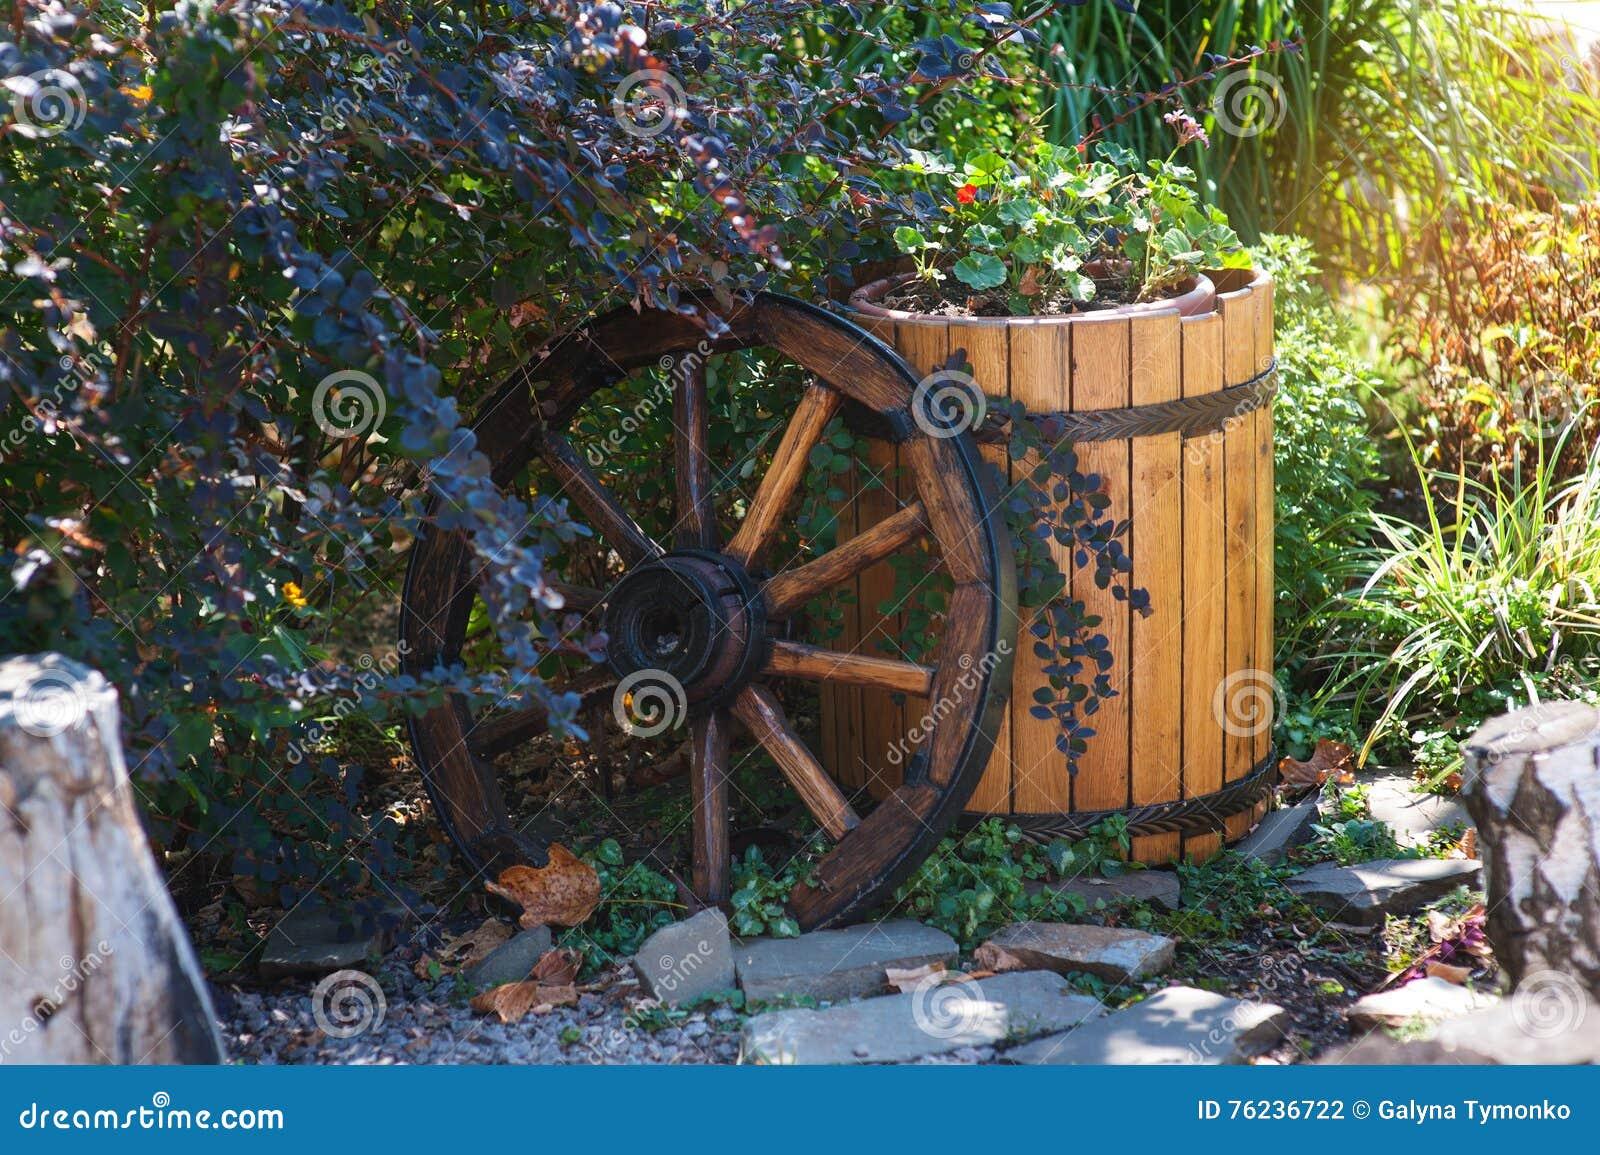 Elementi Decorativi Da Giardino : Ruota e barilotto di legno nel giardino come elementi decorativi